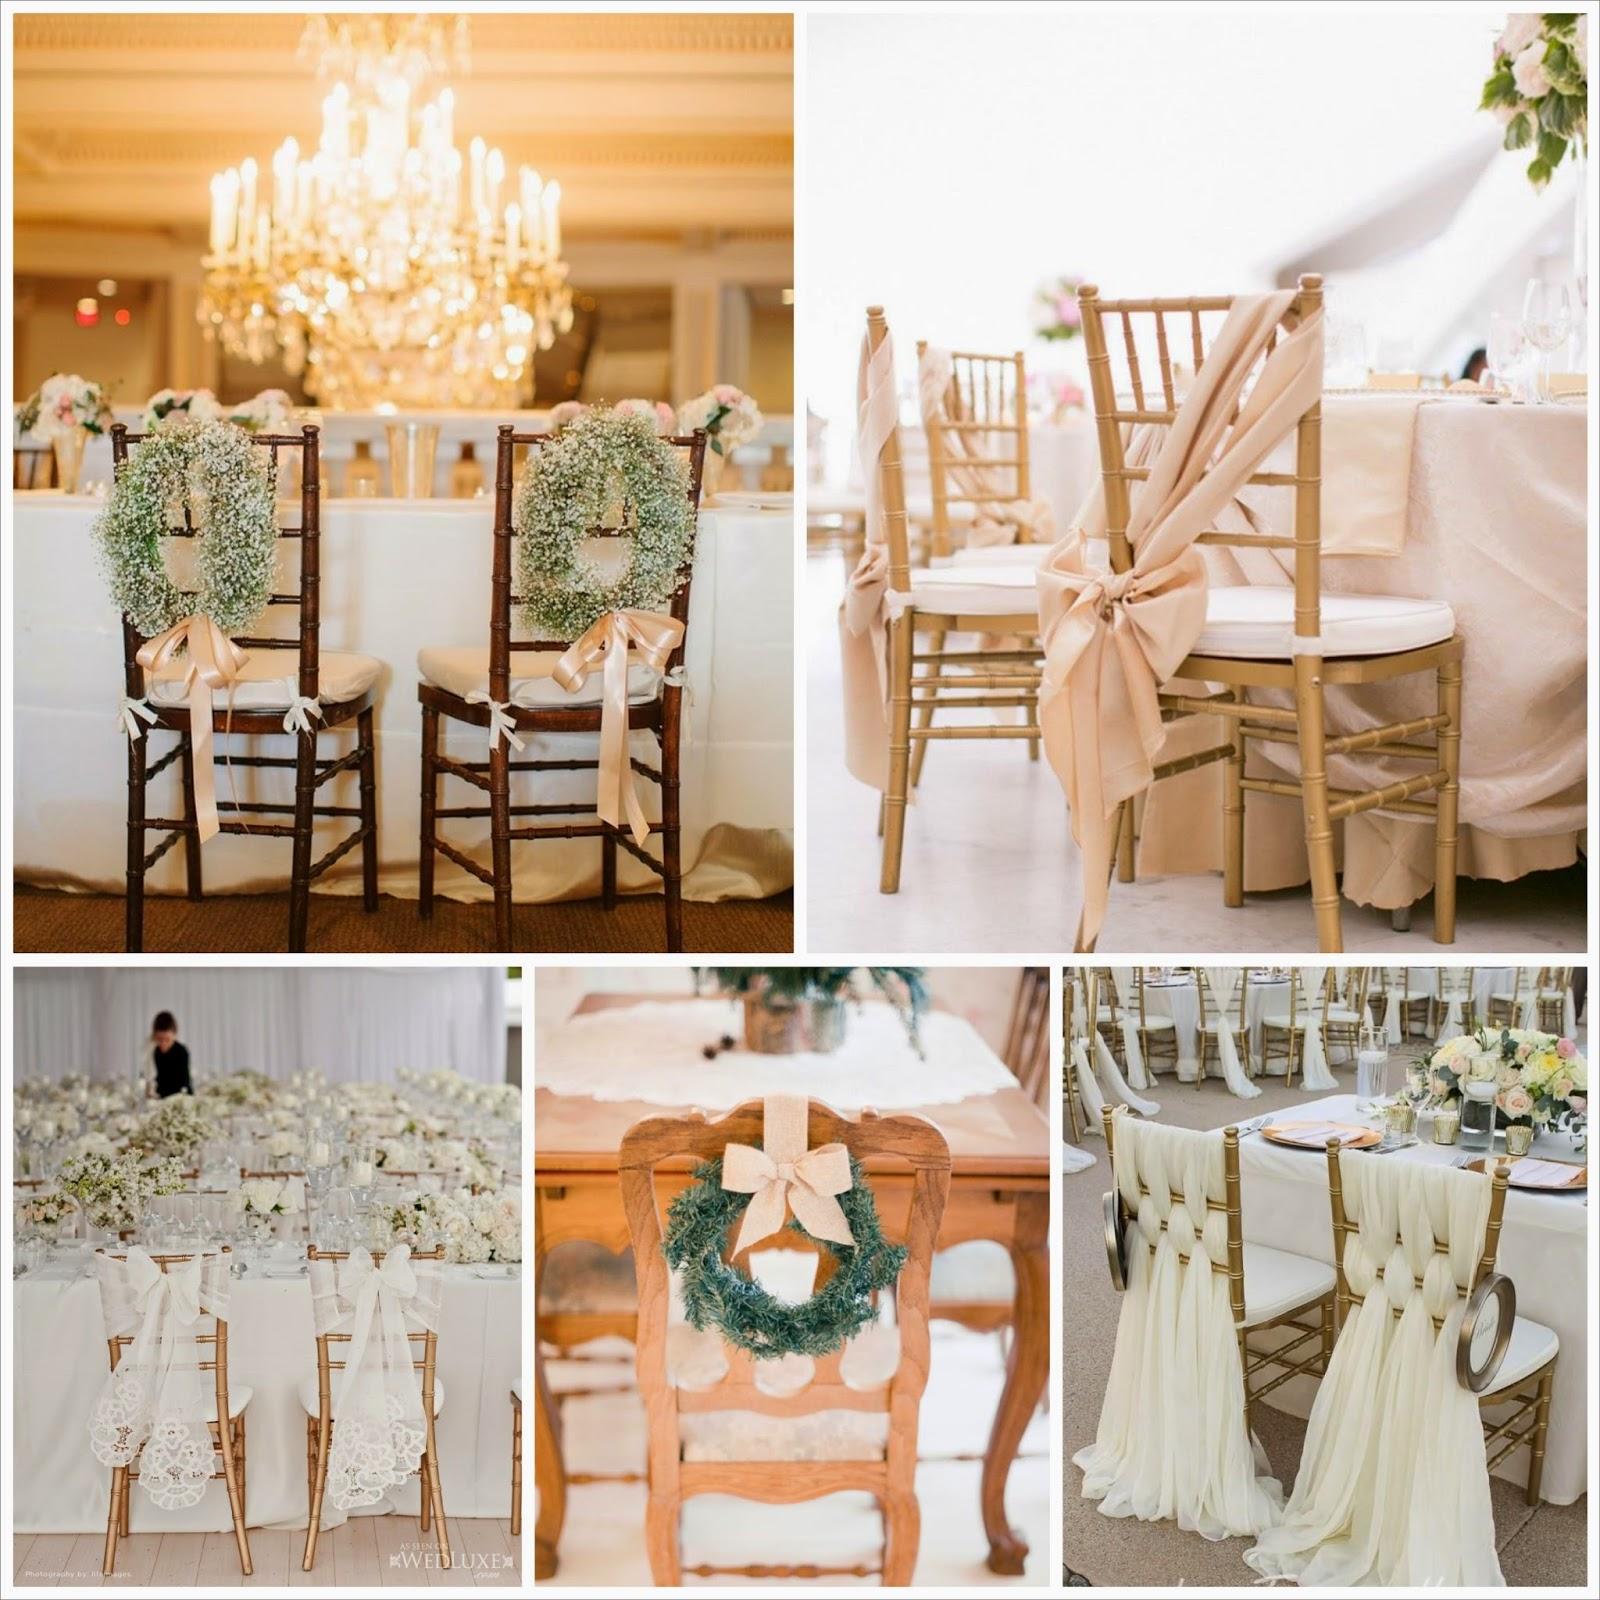 Blog de tu d a con amor invitaciones y detalles de boda for Sillas para matrimonio